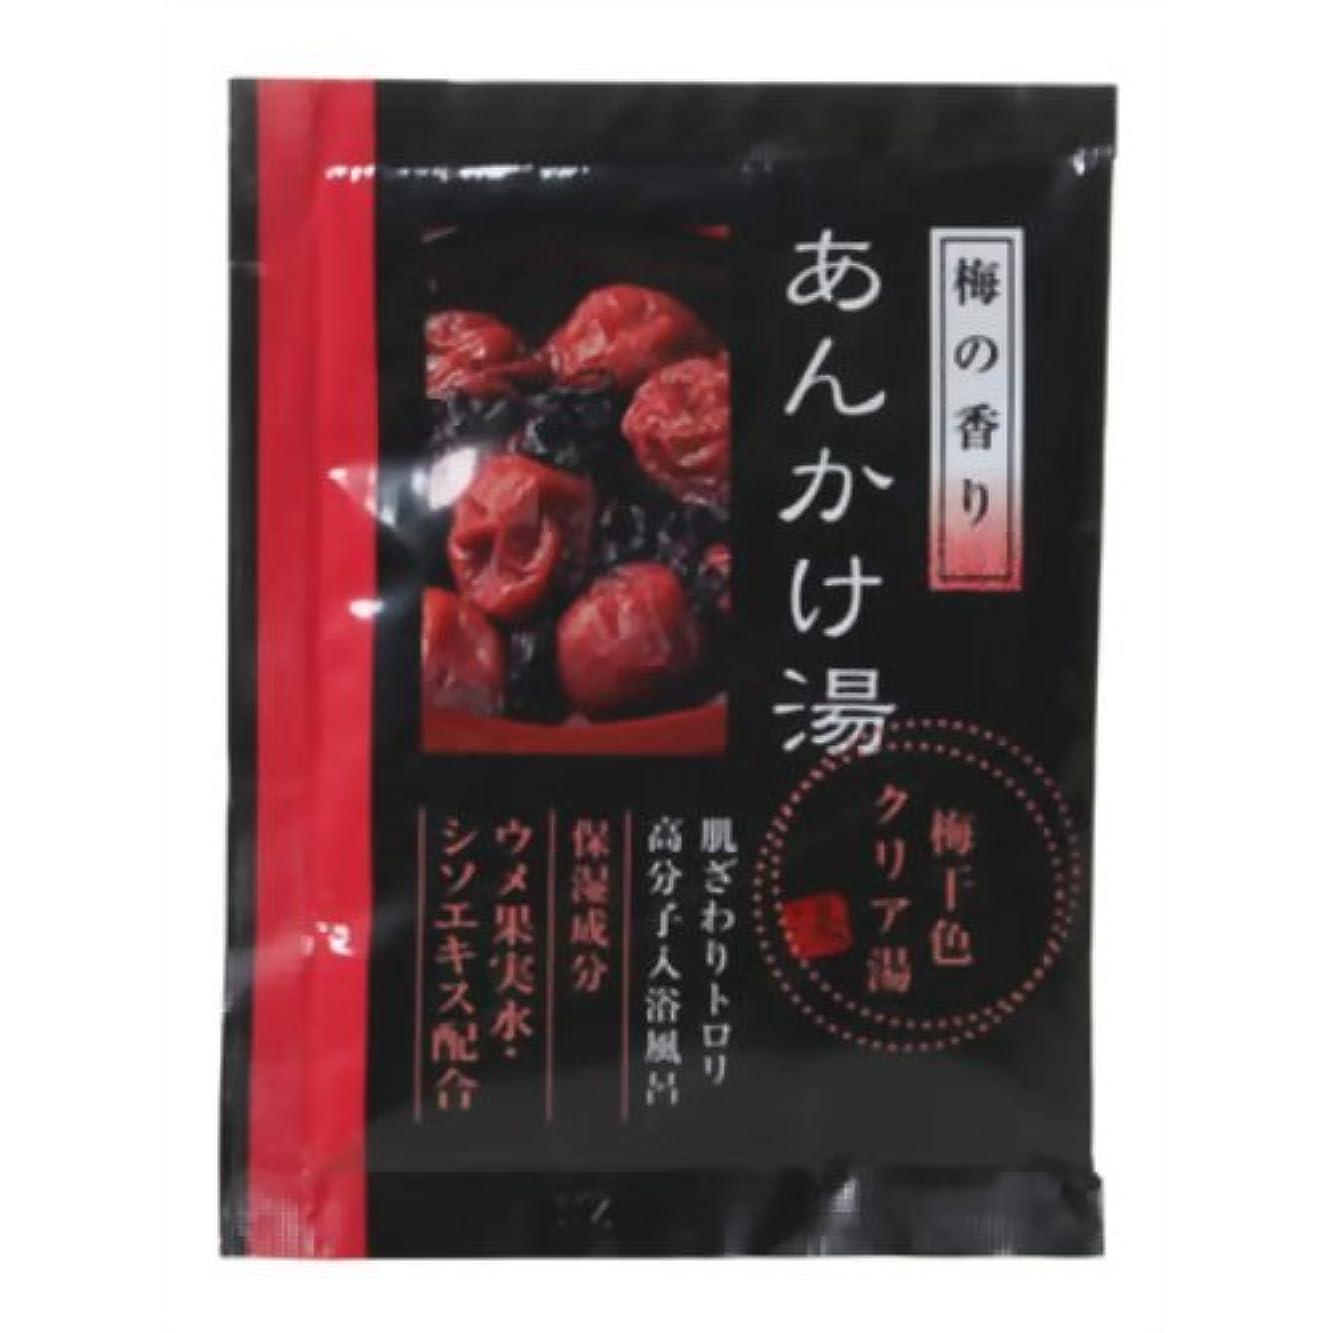 簡単な秋大脳あんかけ湯 梅の香り(入浴剤)